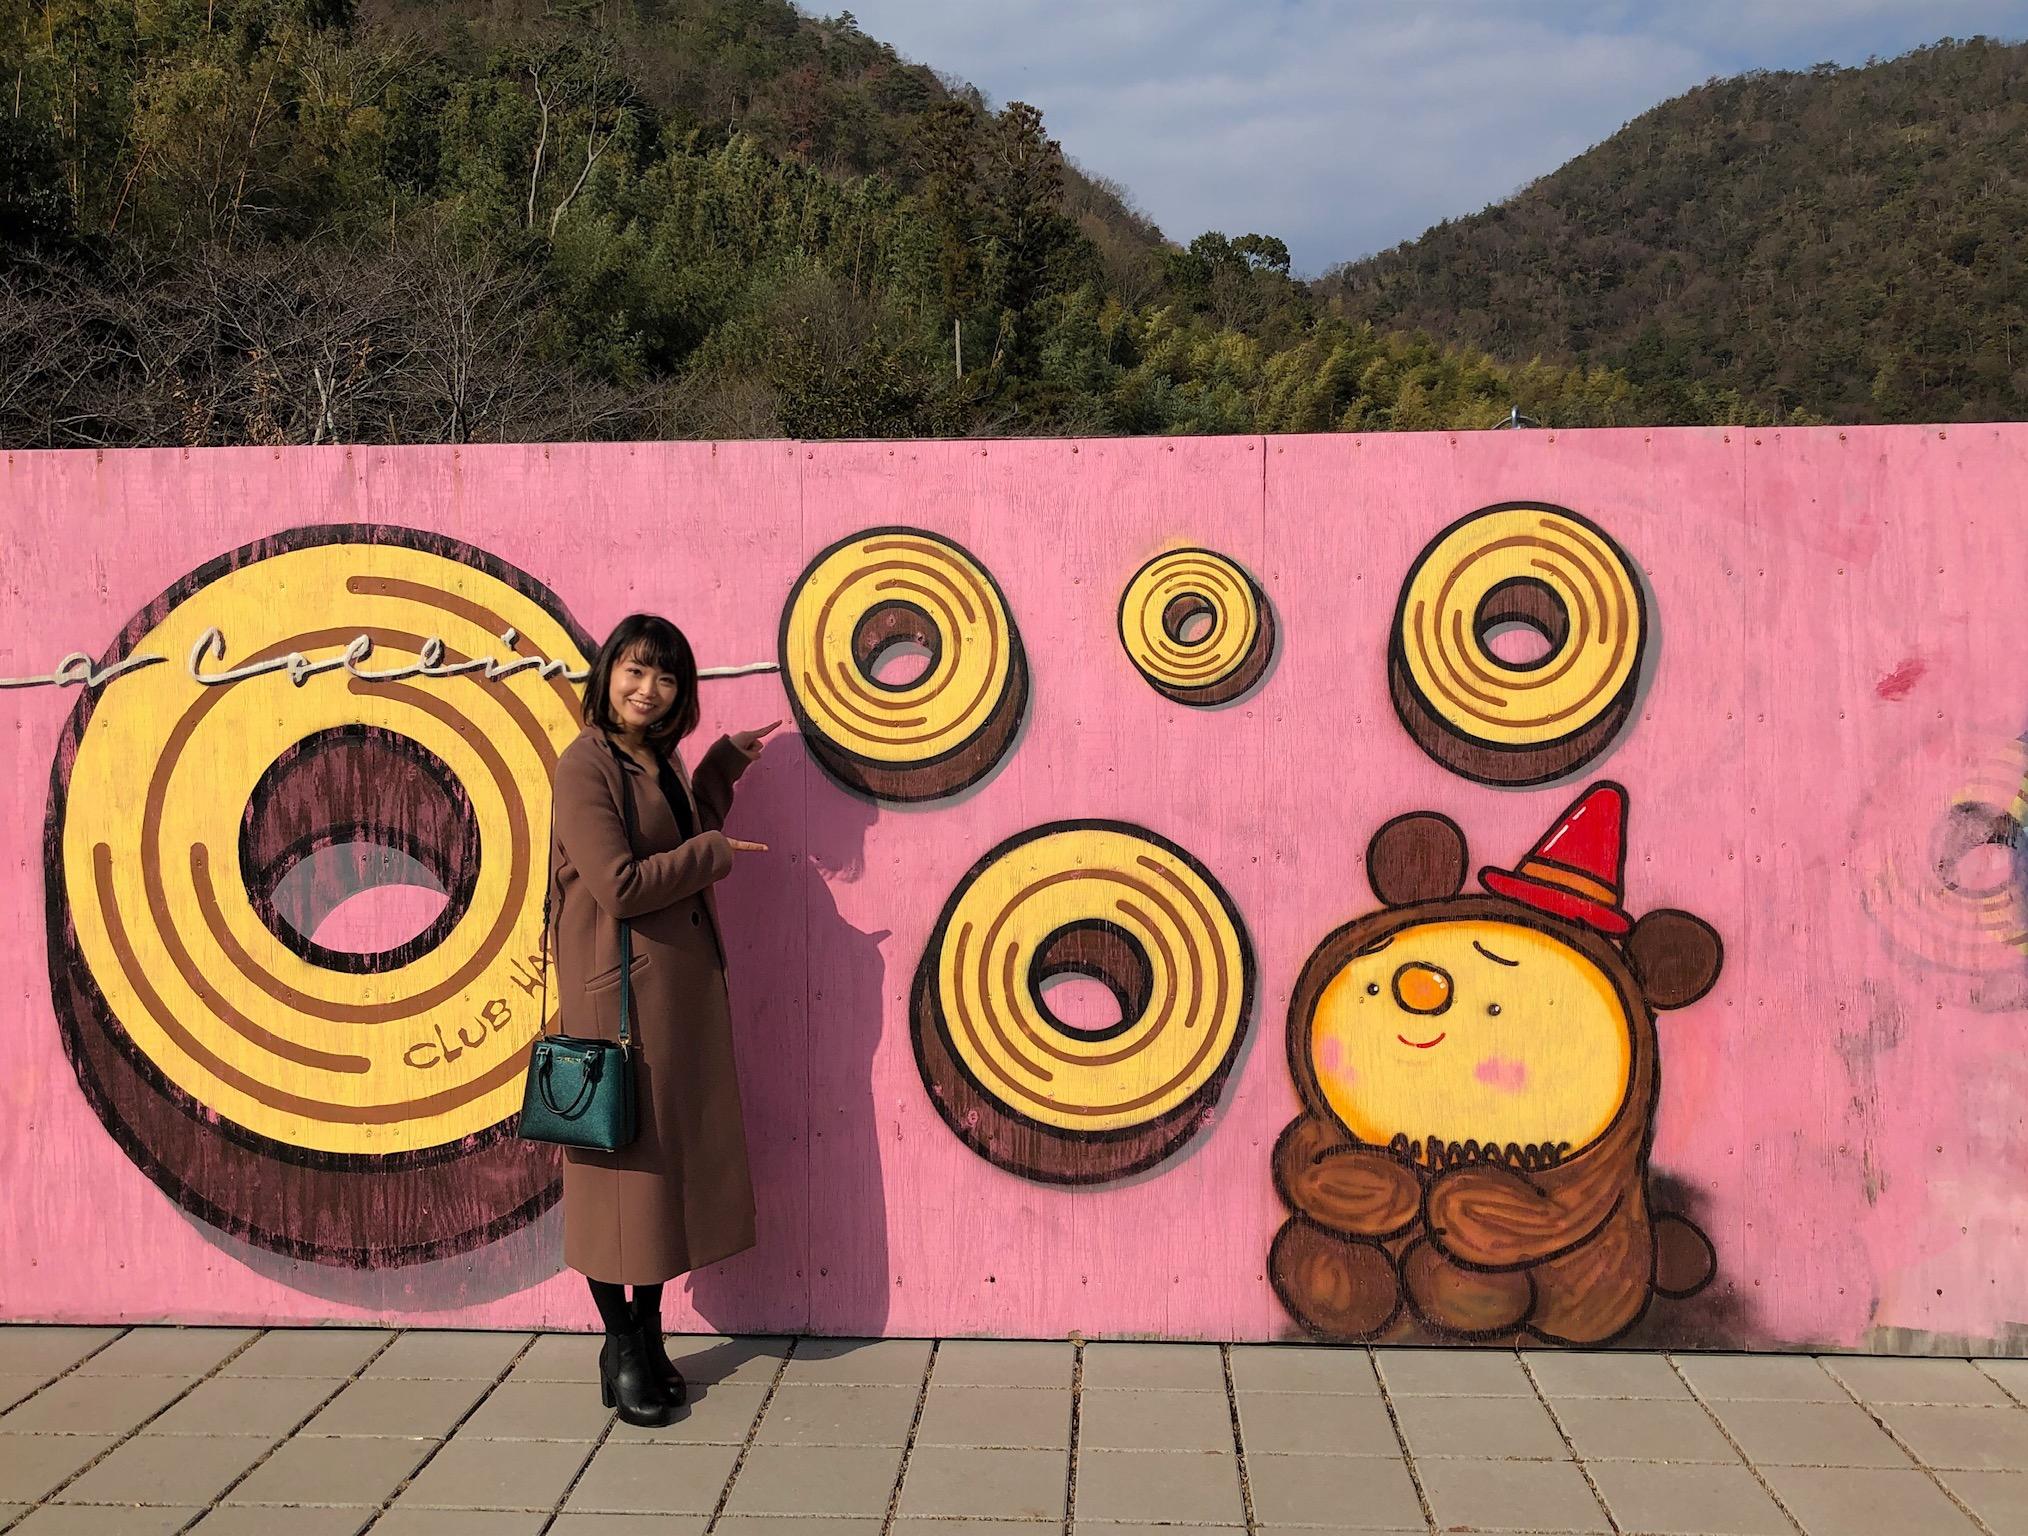 【#滋賀】《NEW YEAR ver.》CLUB HARIE♡ジブリ作品のような外観&壁画アートが魅力のラコリーナに行ってきました!_9